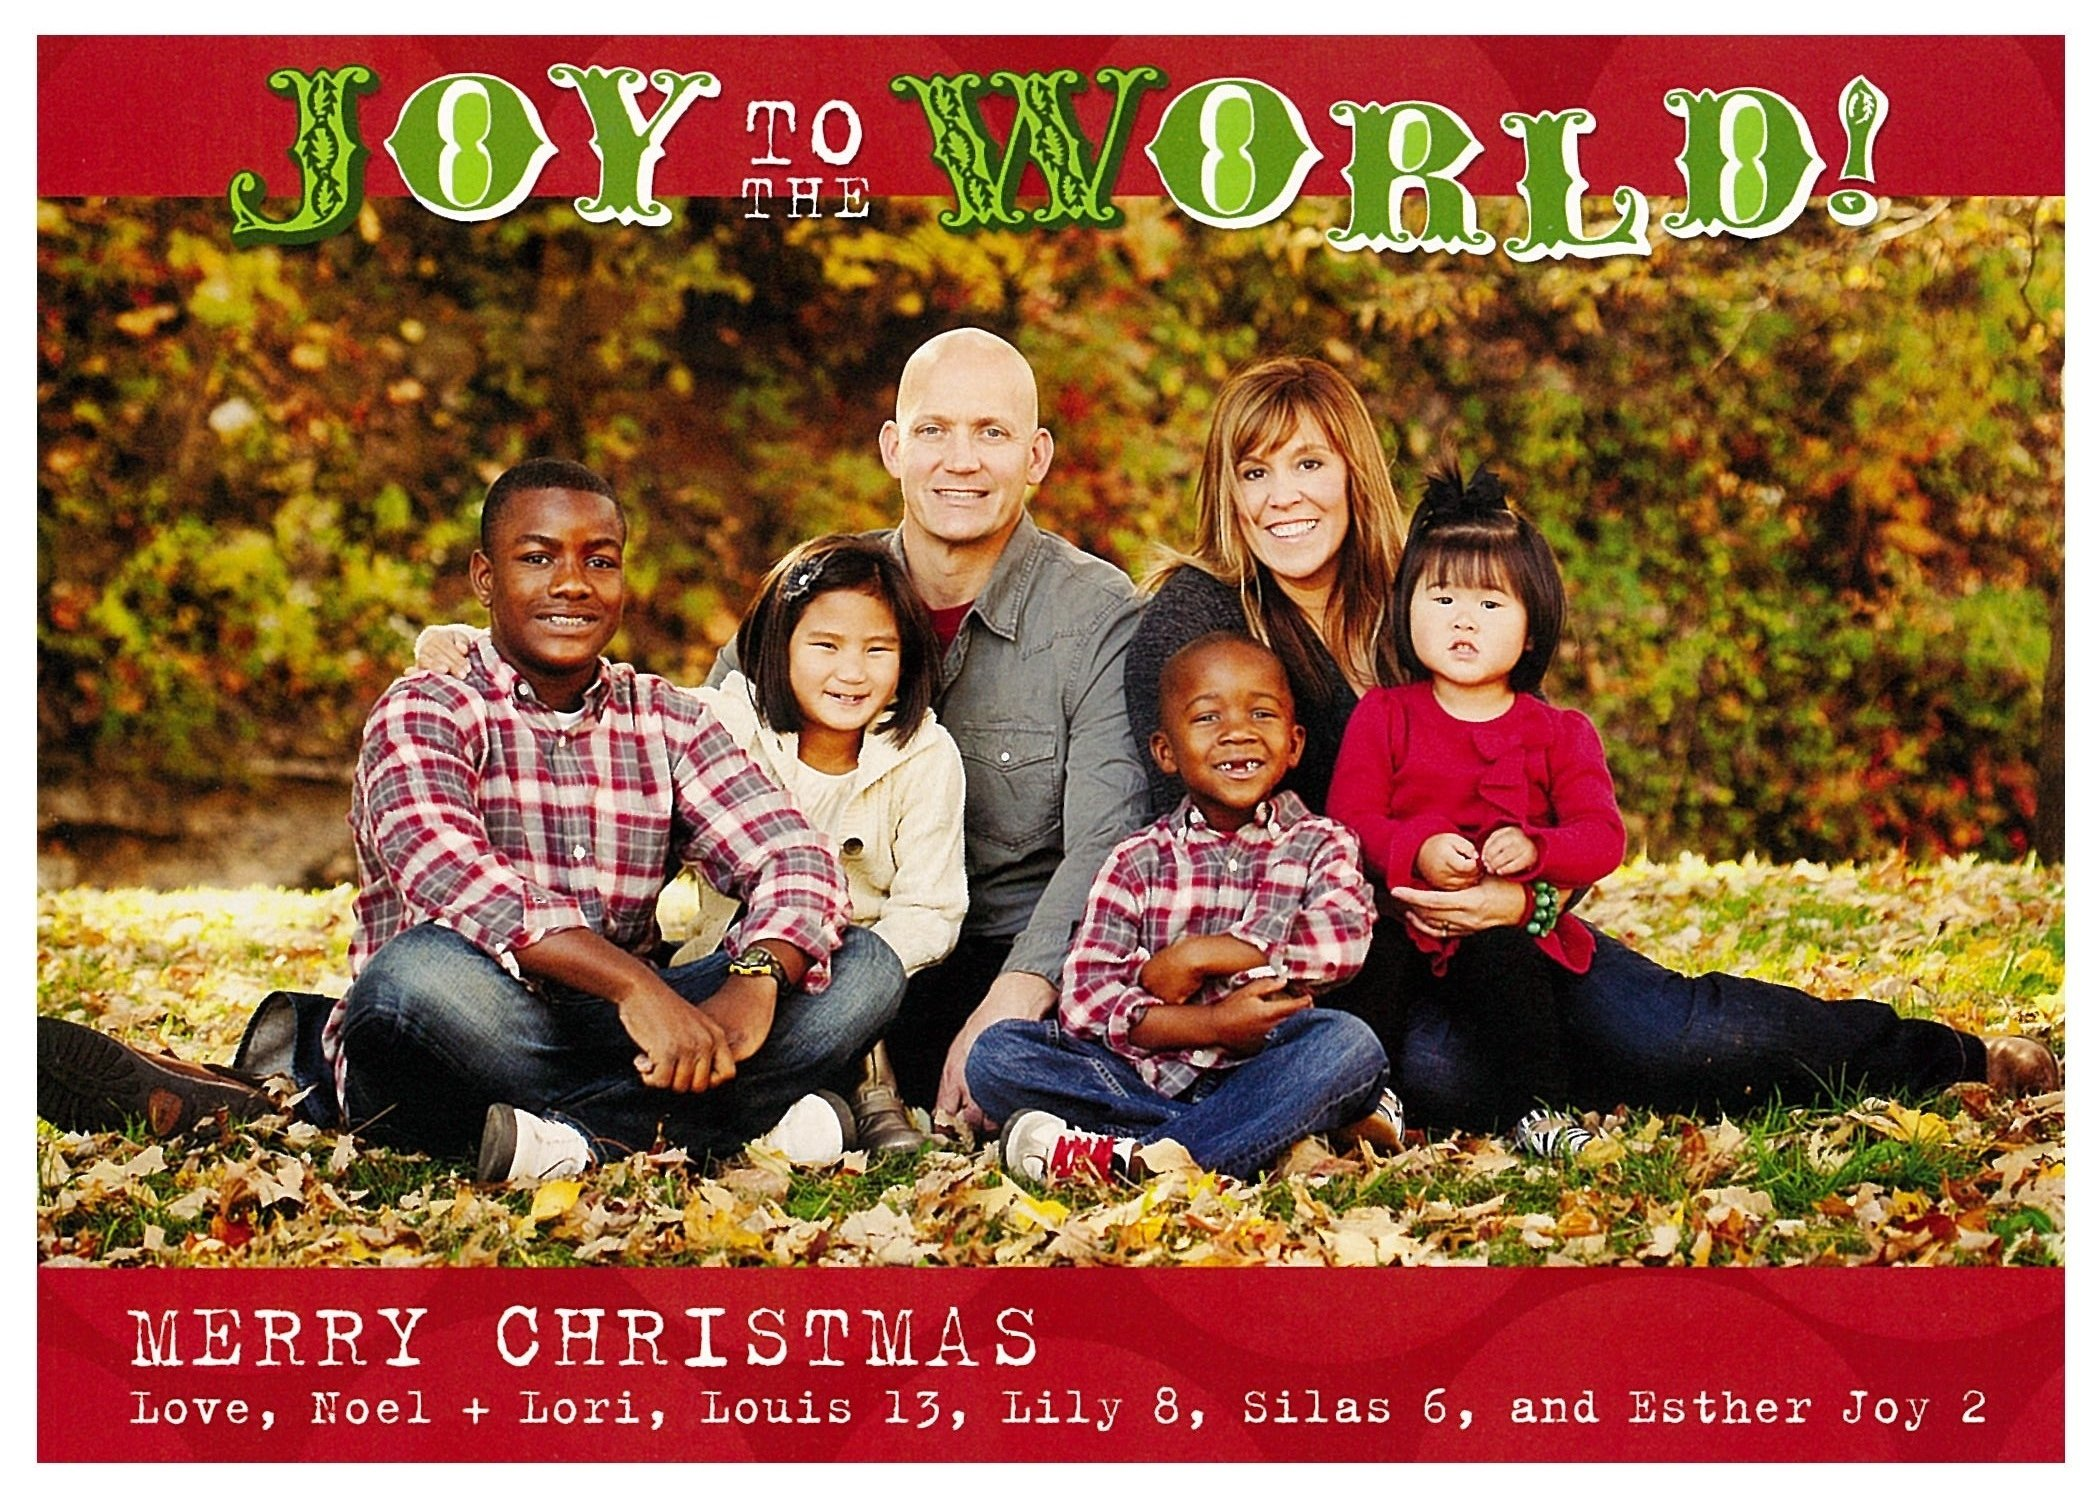 10 Unique Christmas Card Family Photo Ideas christmas cards families outreach home art decor 55978 3 2020